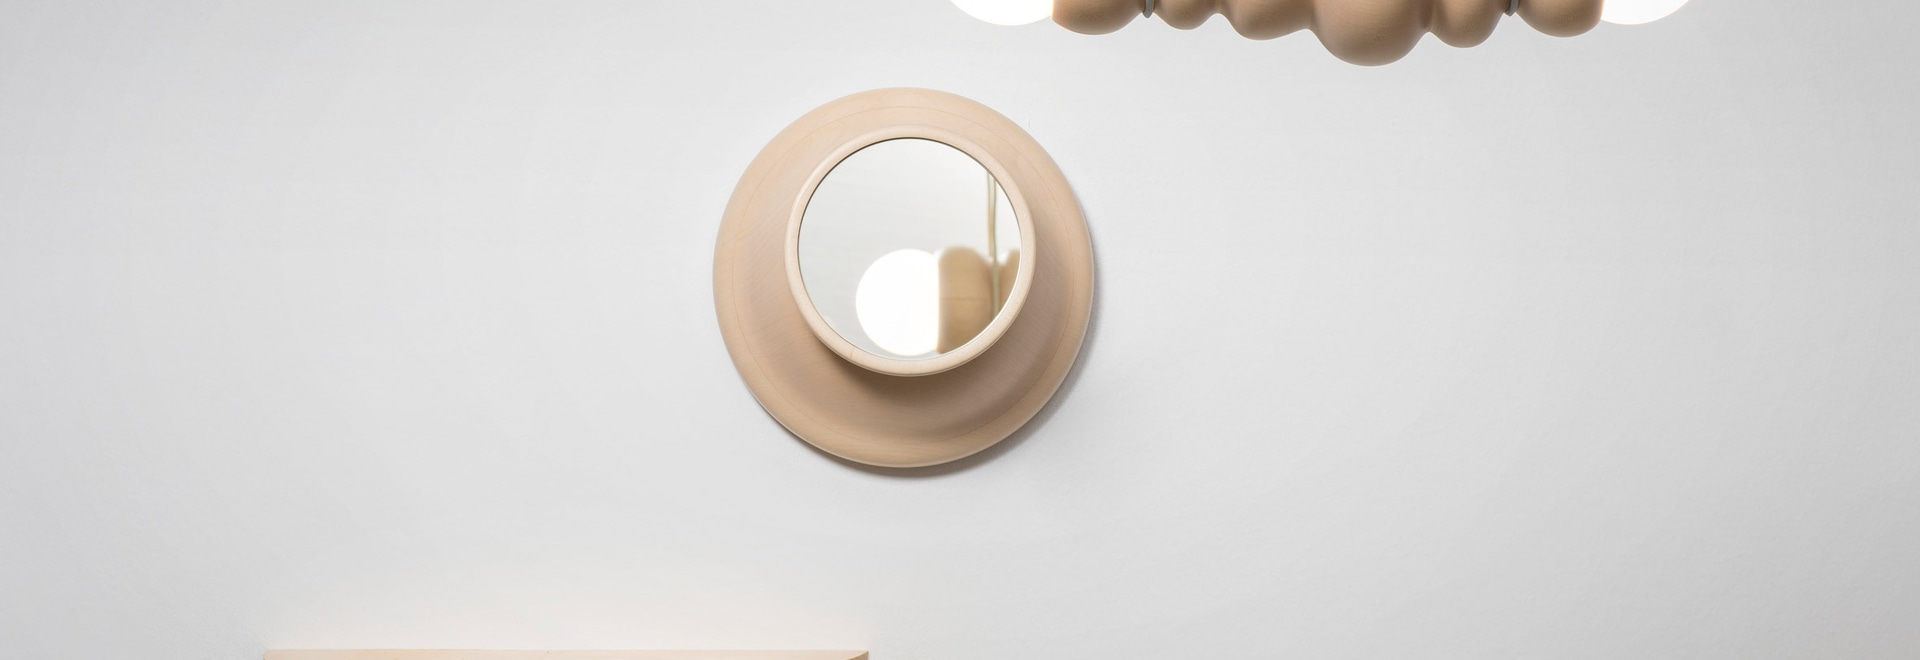 Bulbous est une approche moderne de la conception tournée vers le bois